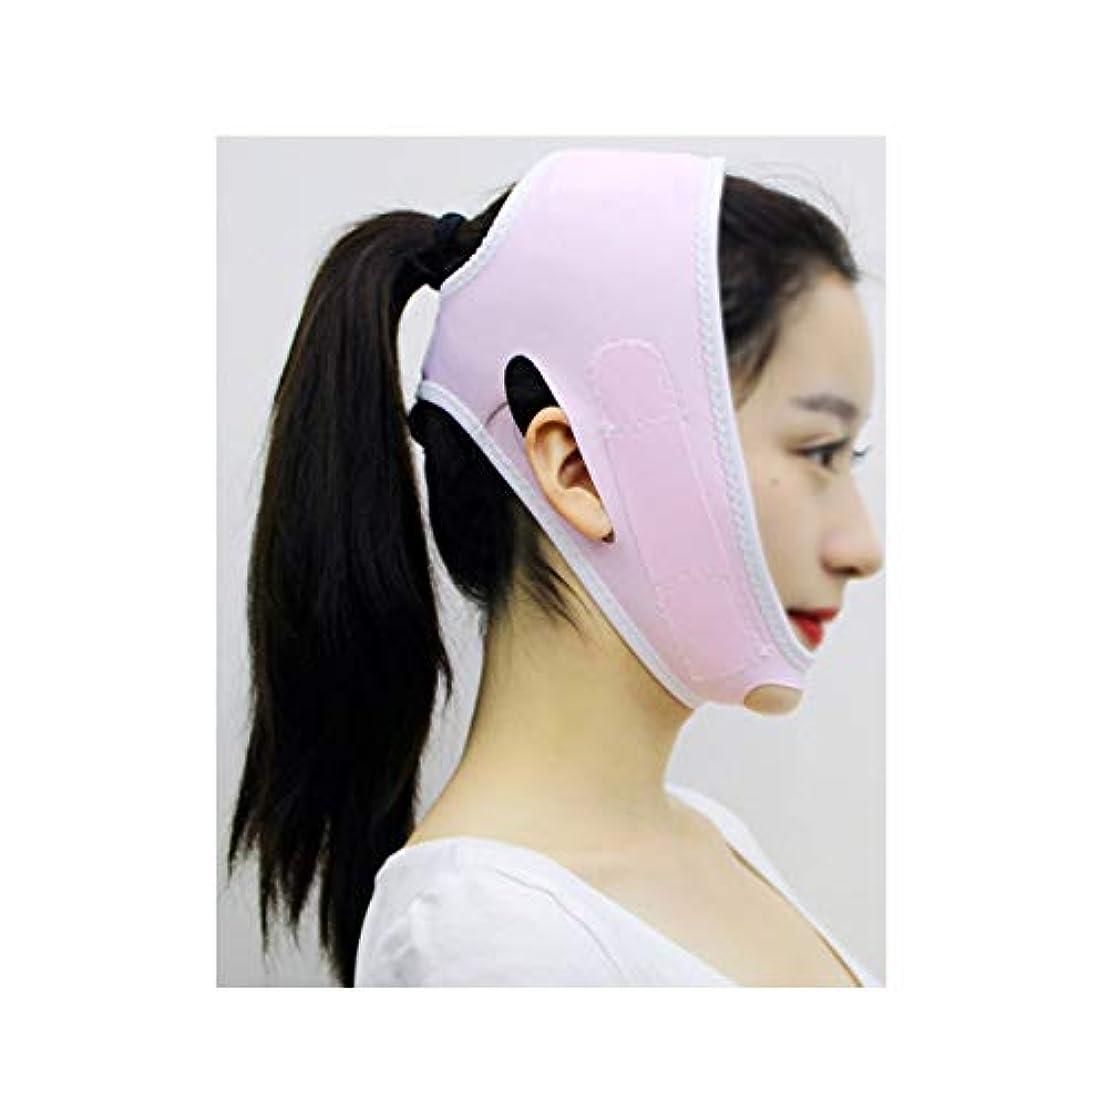 アメリカ許容できる不振GLJJQMY 包帯ヘッドギアマスクの顔Vの顔の薄い顔のアーティファクトプラスチック美容ゴムバンドフェイスリフトネックリフト後薄い顔マスクあごベルトの回復 顔用整形マスク (Color : Pink)